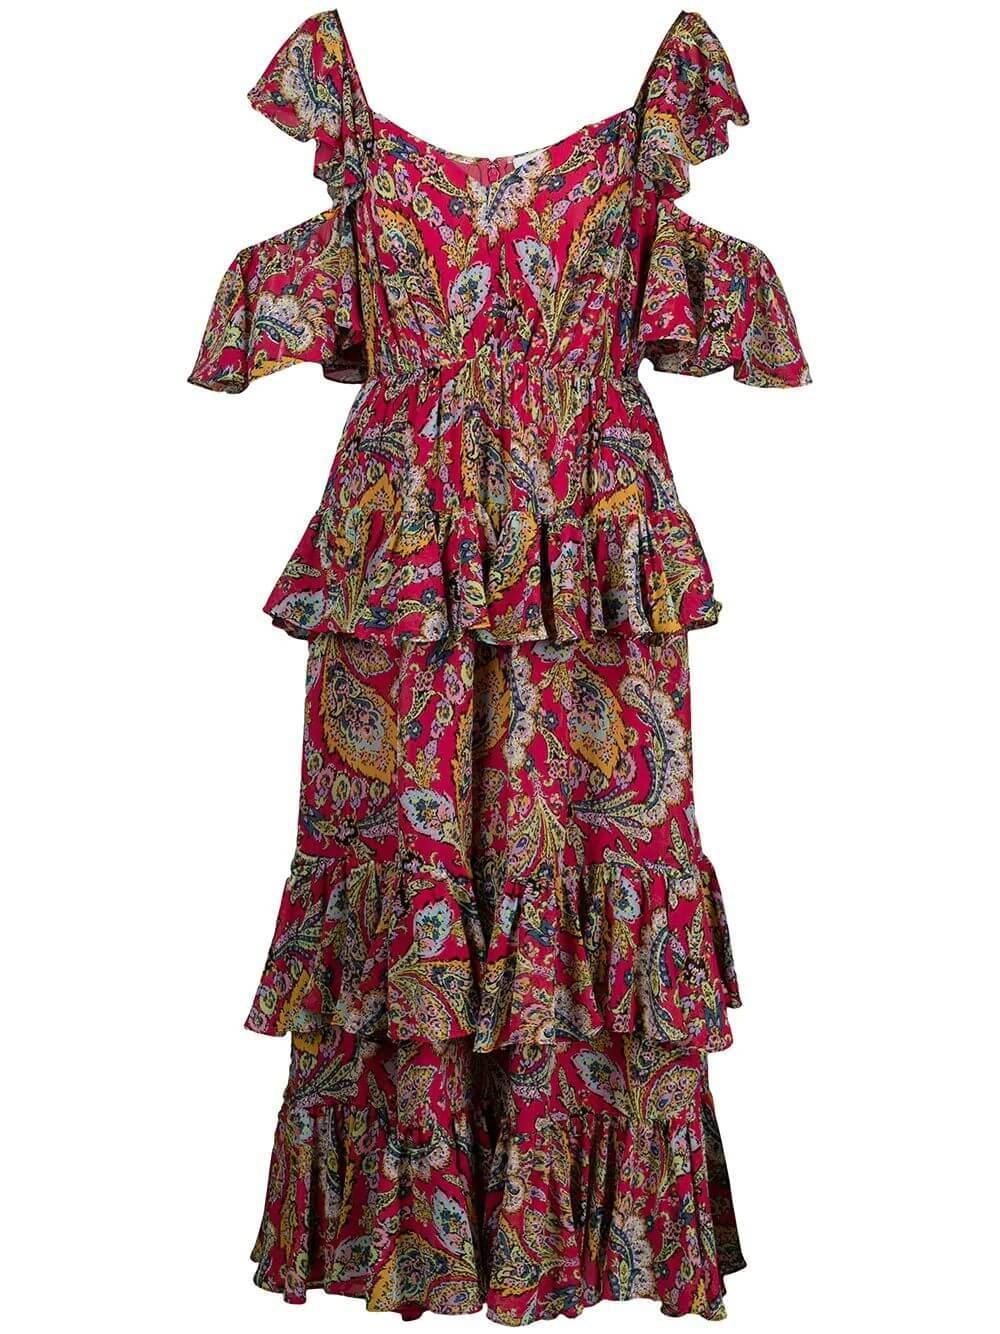 Collier Ruffle Midi Dress Item # ZD14014424Z